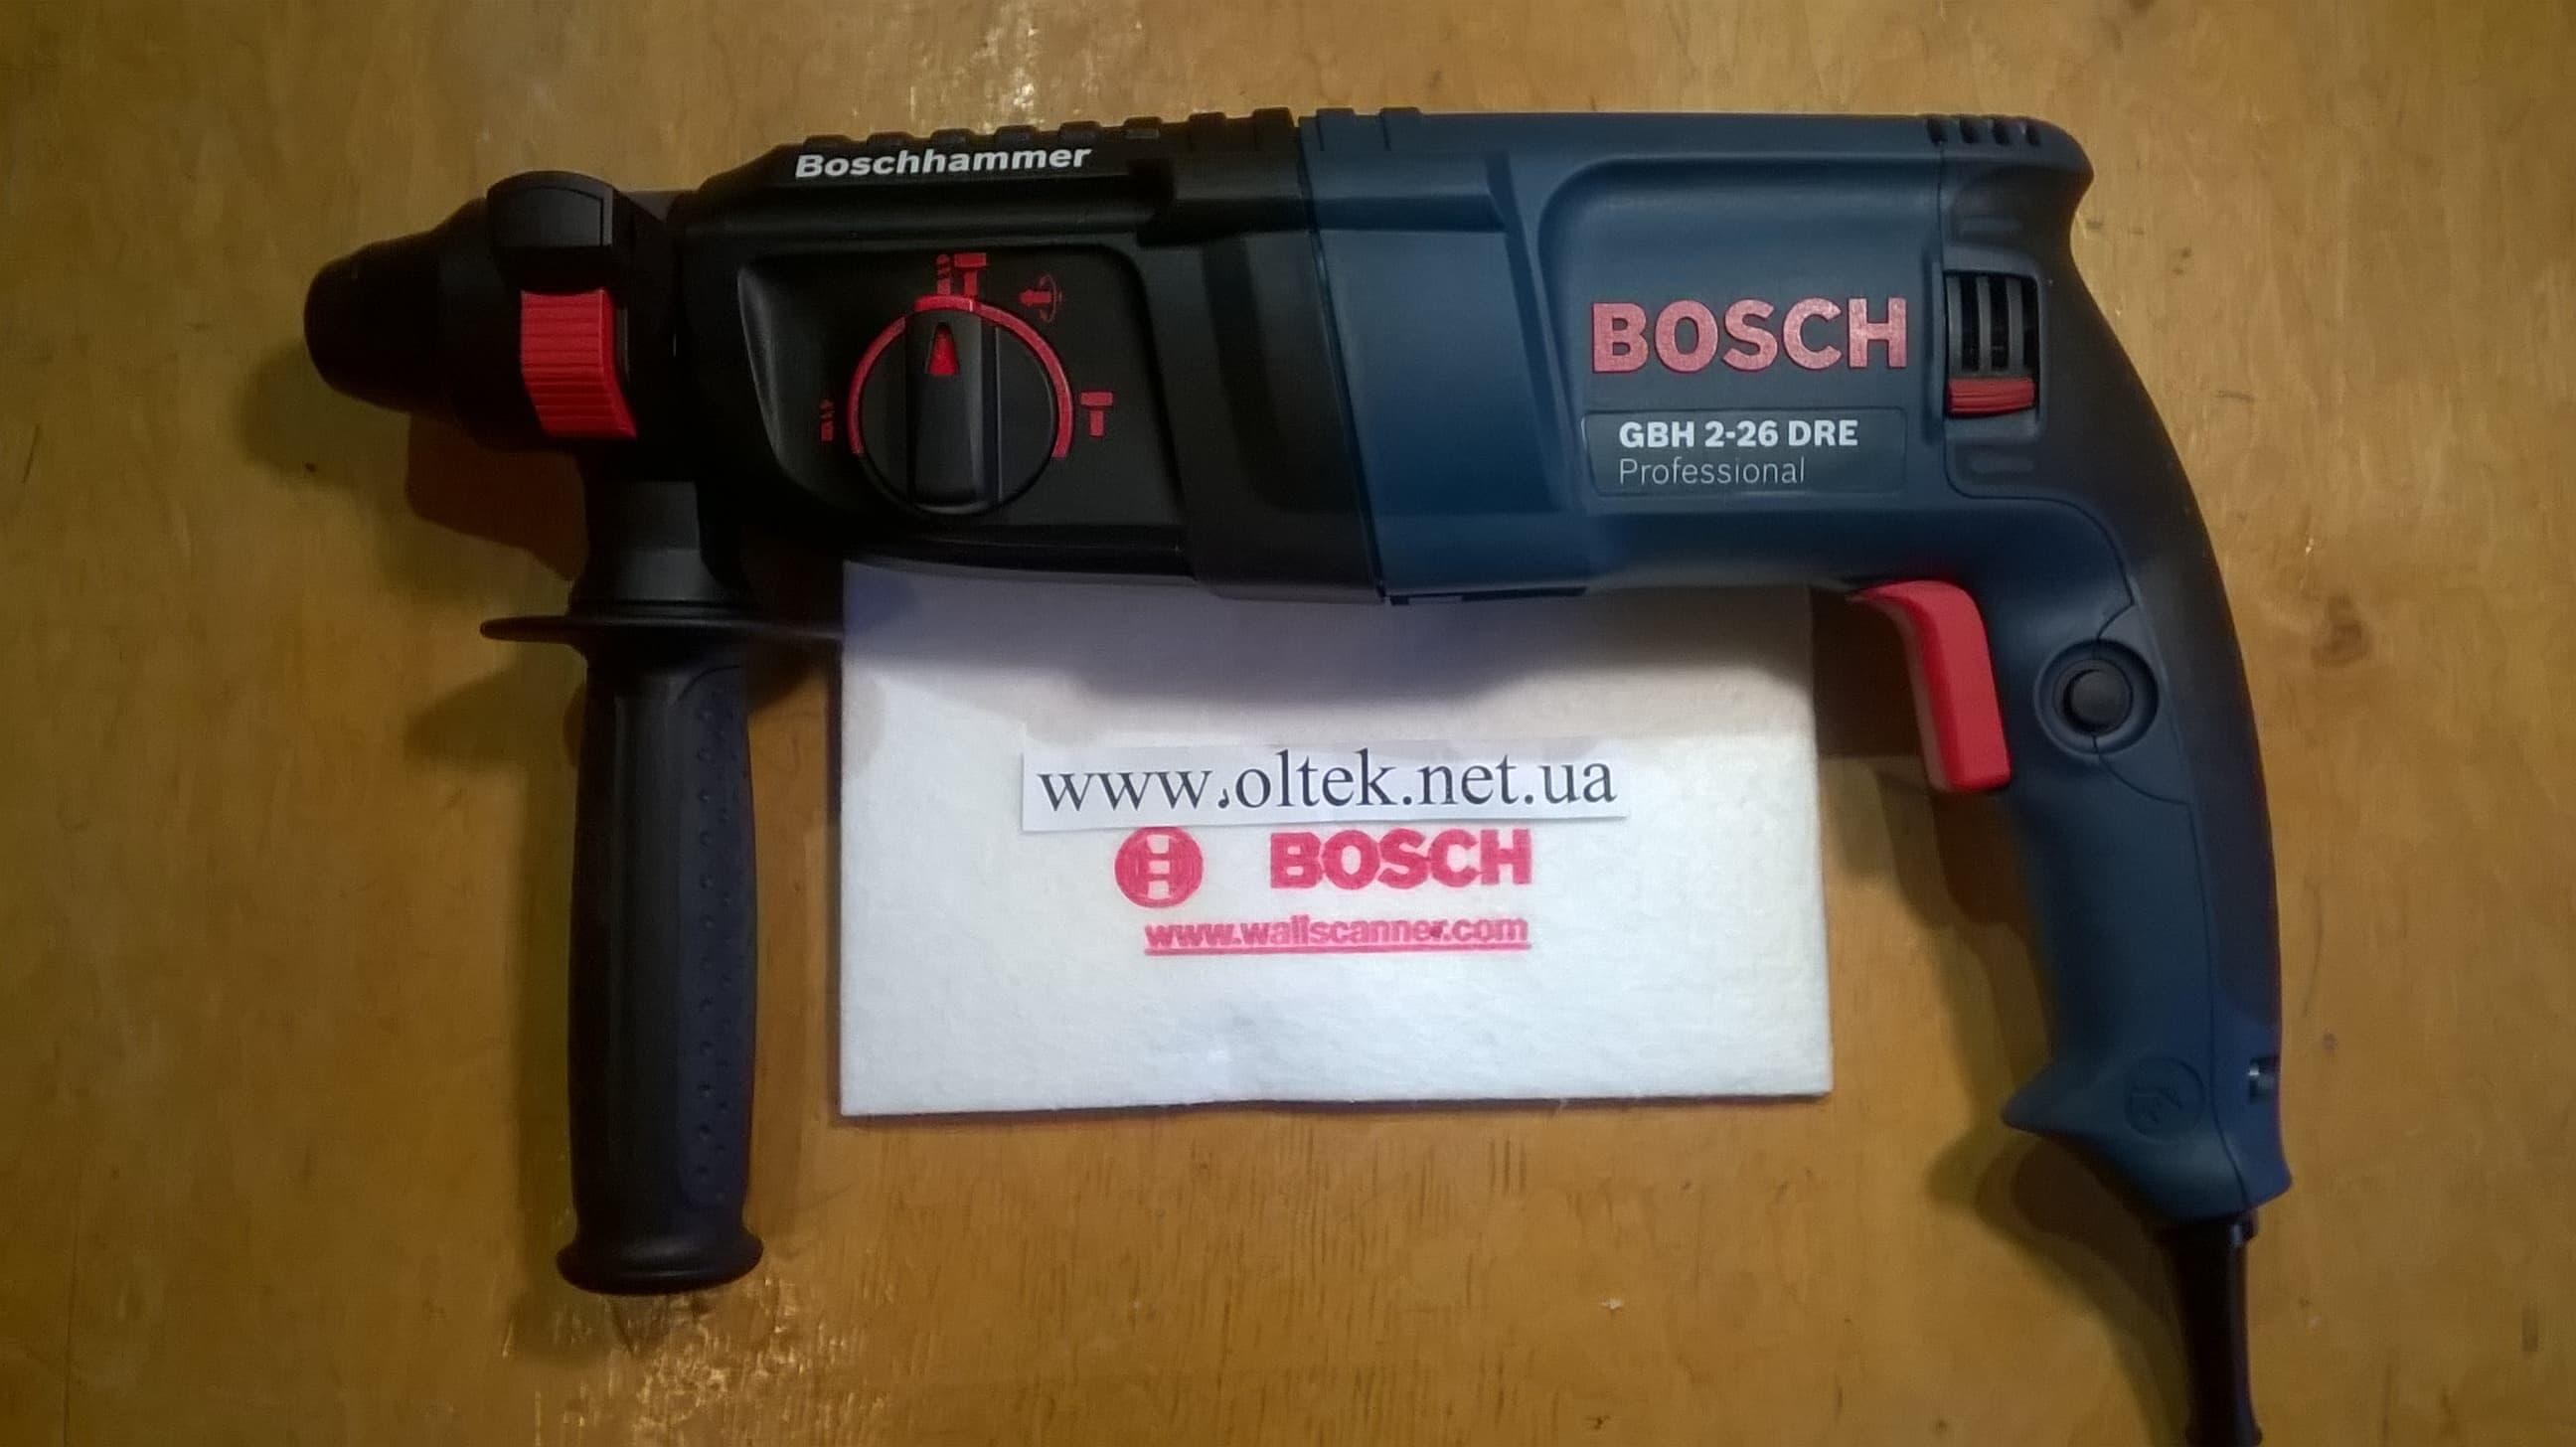 bosch-2-26-dre-oltek-net-ua